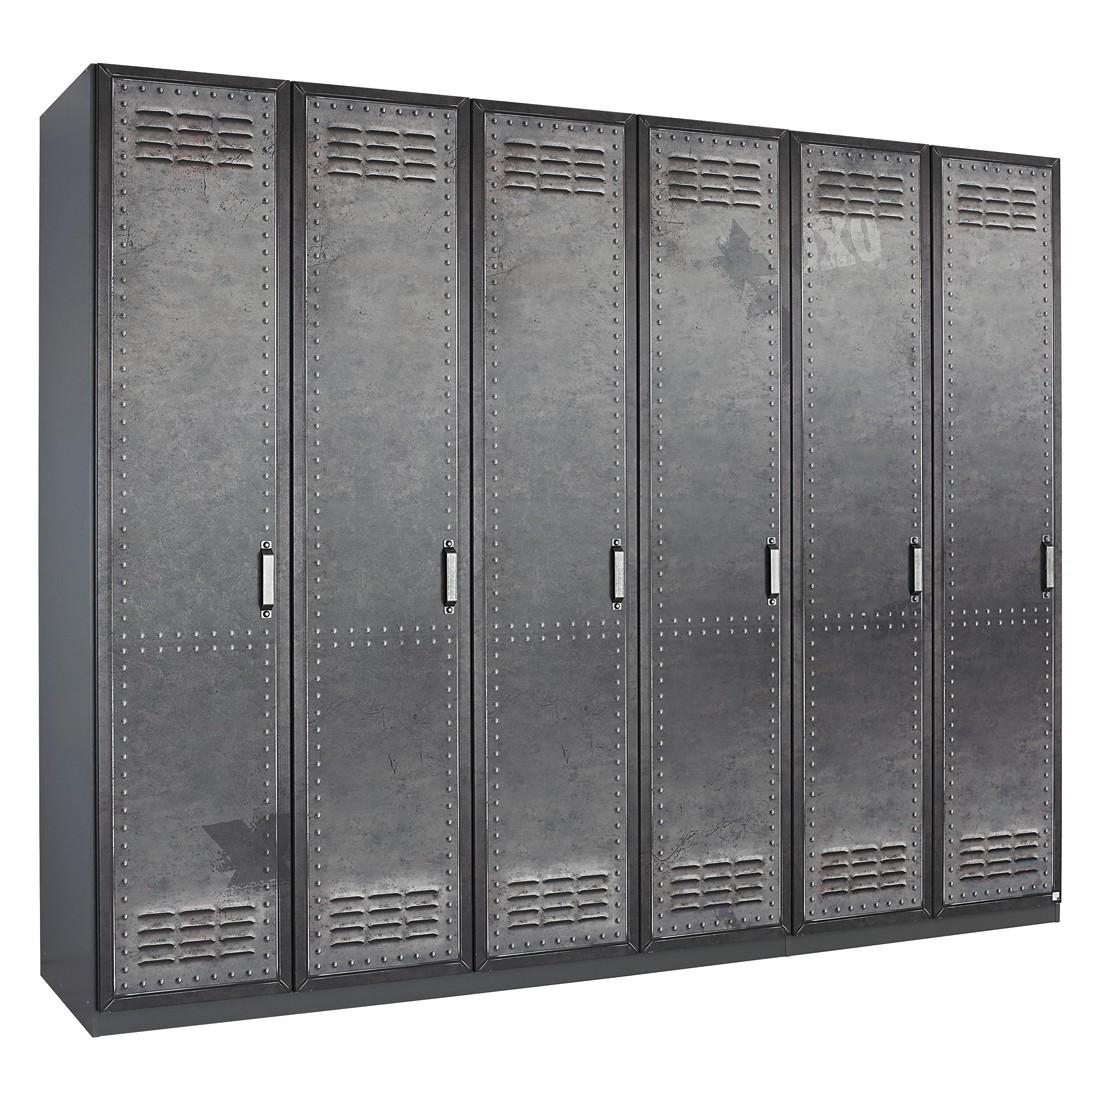 goedkoop Draaideurkast Workbase industrial print look grafietkleurig 270cm 6 deurs scharnieren links Rauch Select